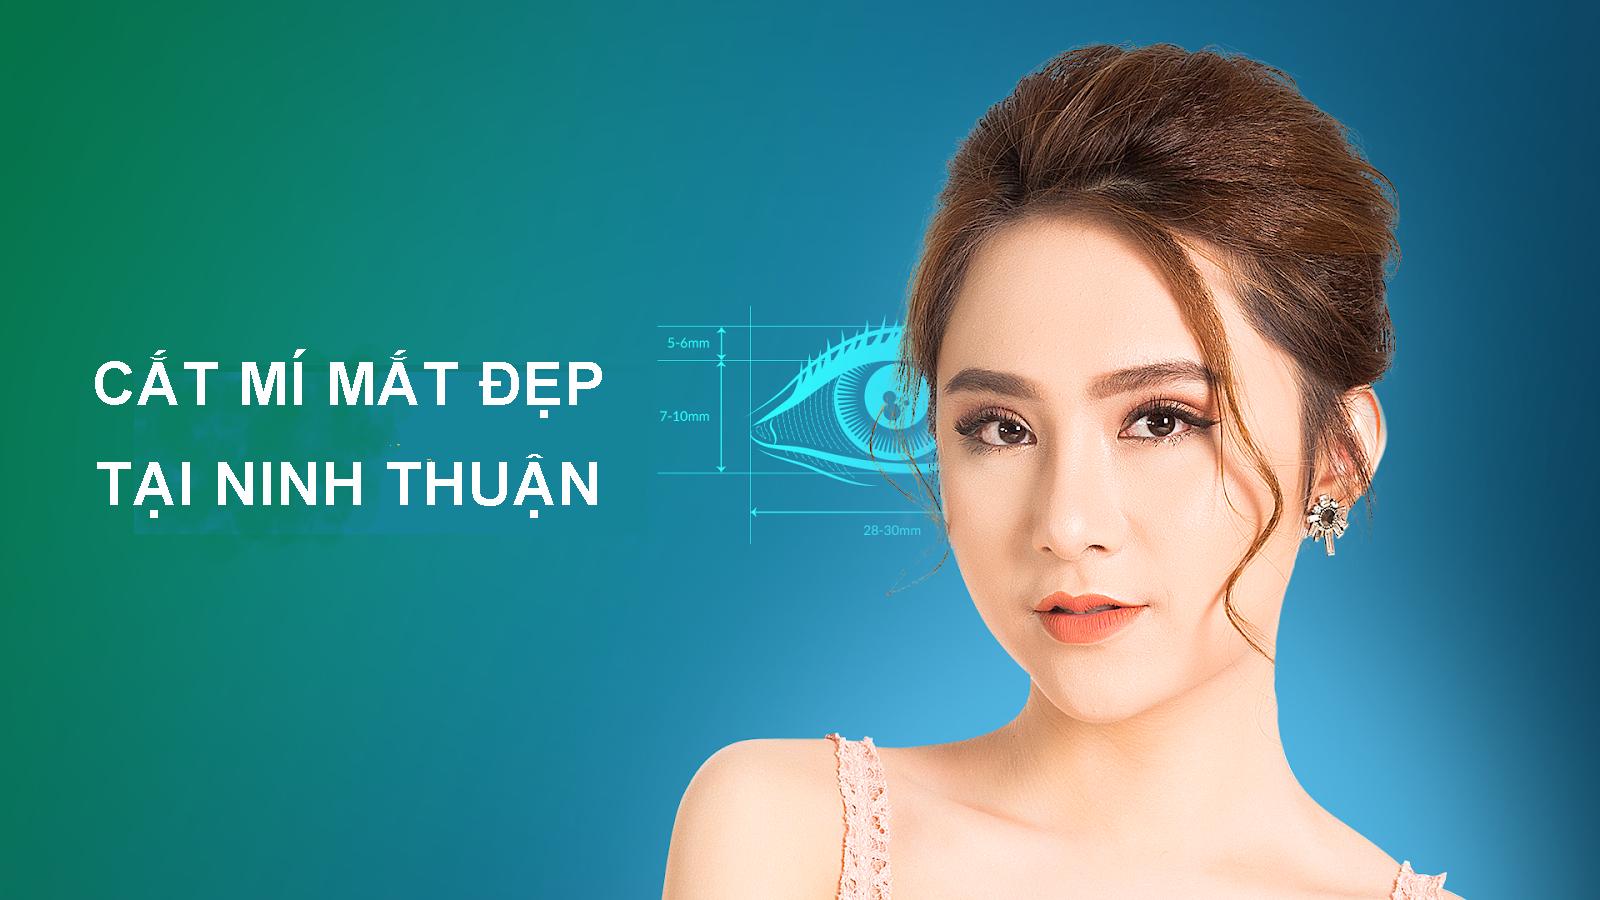 Cắt Mí Mắt Đẹp Tại Ninh Thuận